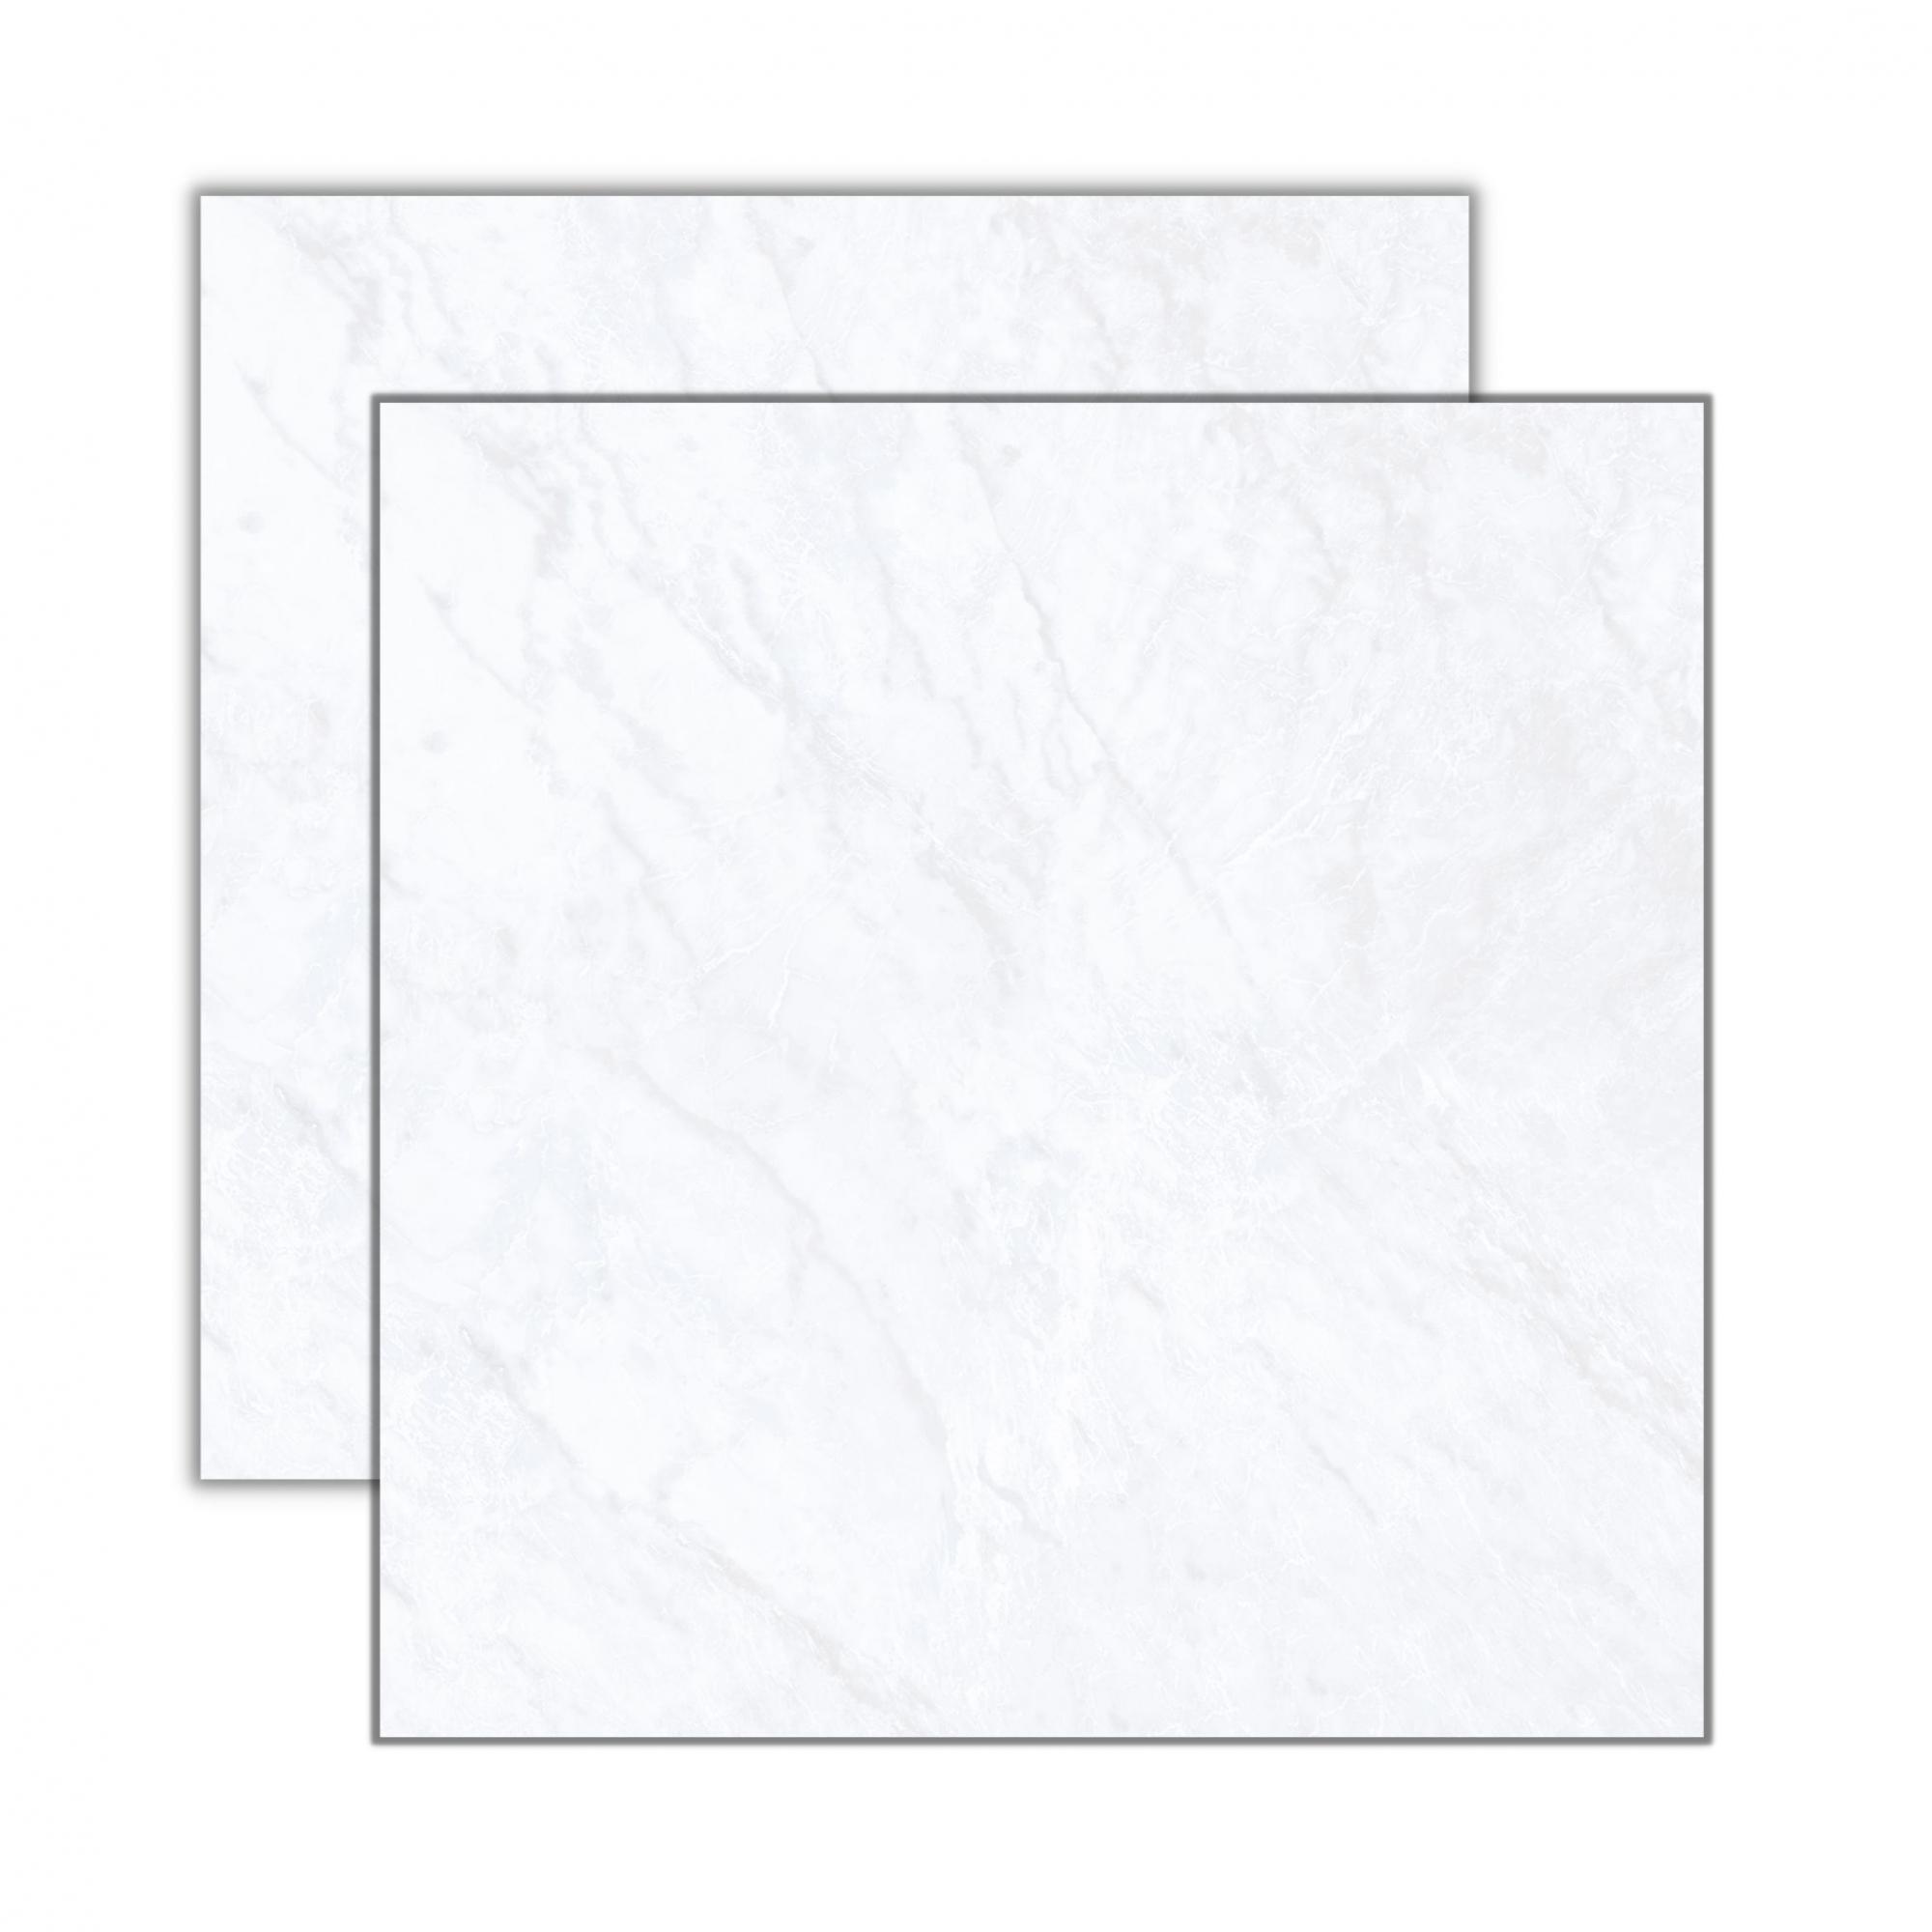 Marmo Egeo Lux Polido 82x82cm <br> <b>R$ 87,30 M²</b><br>Cx 2M² <b>&#10132; R$ 174,60 M² </b>